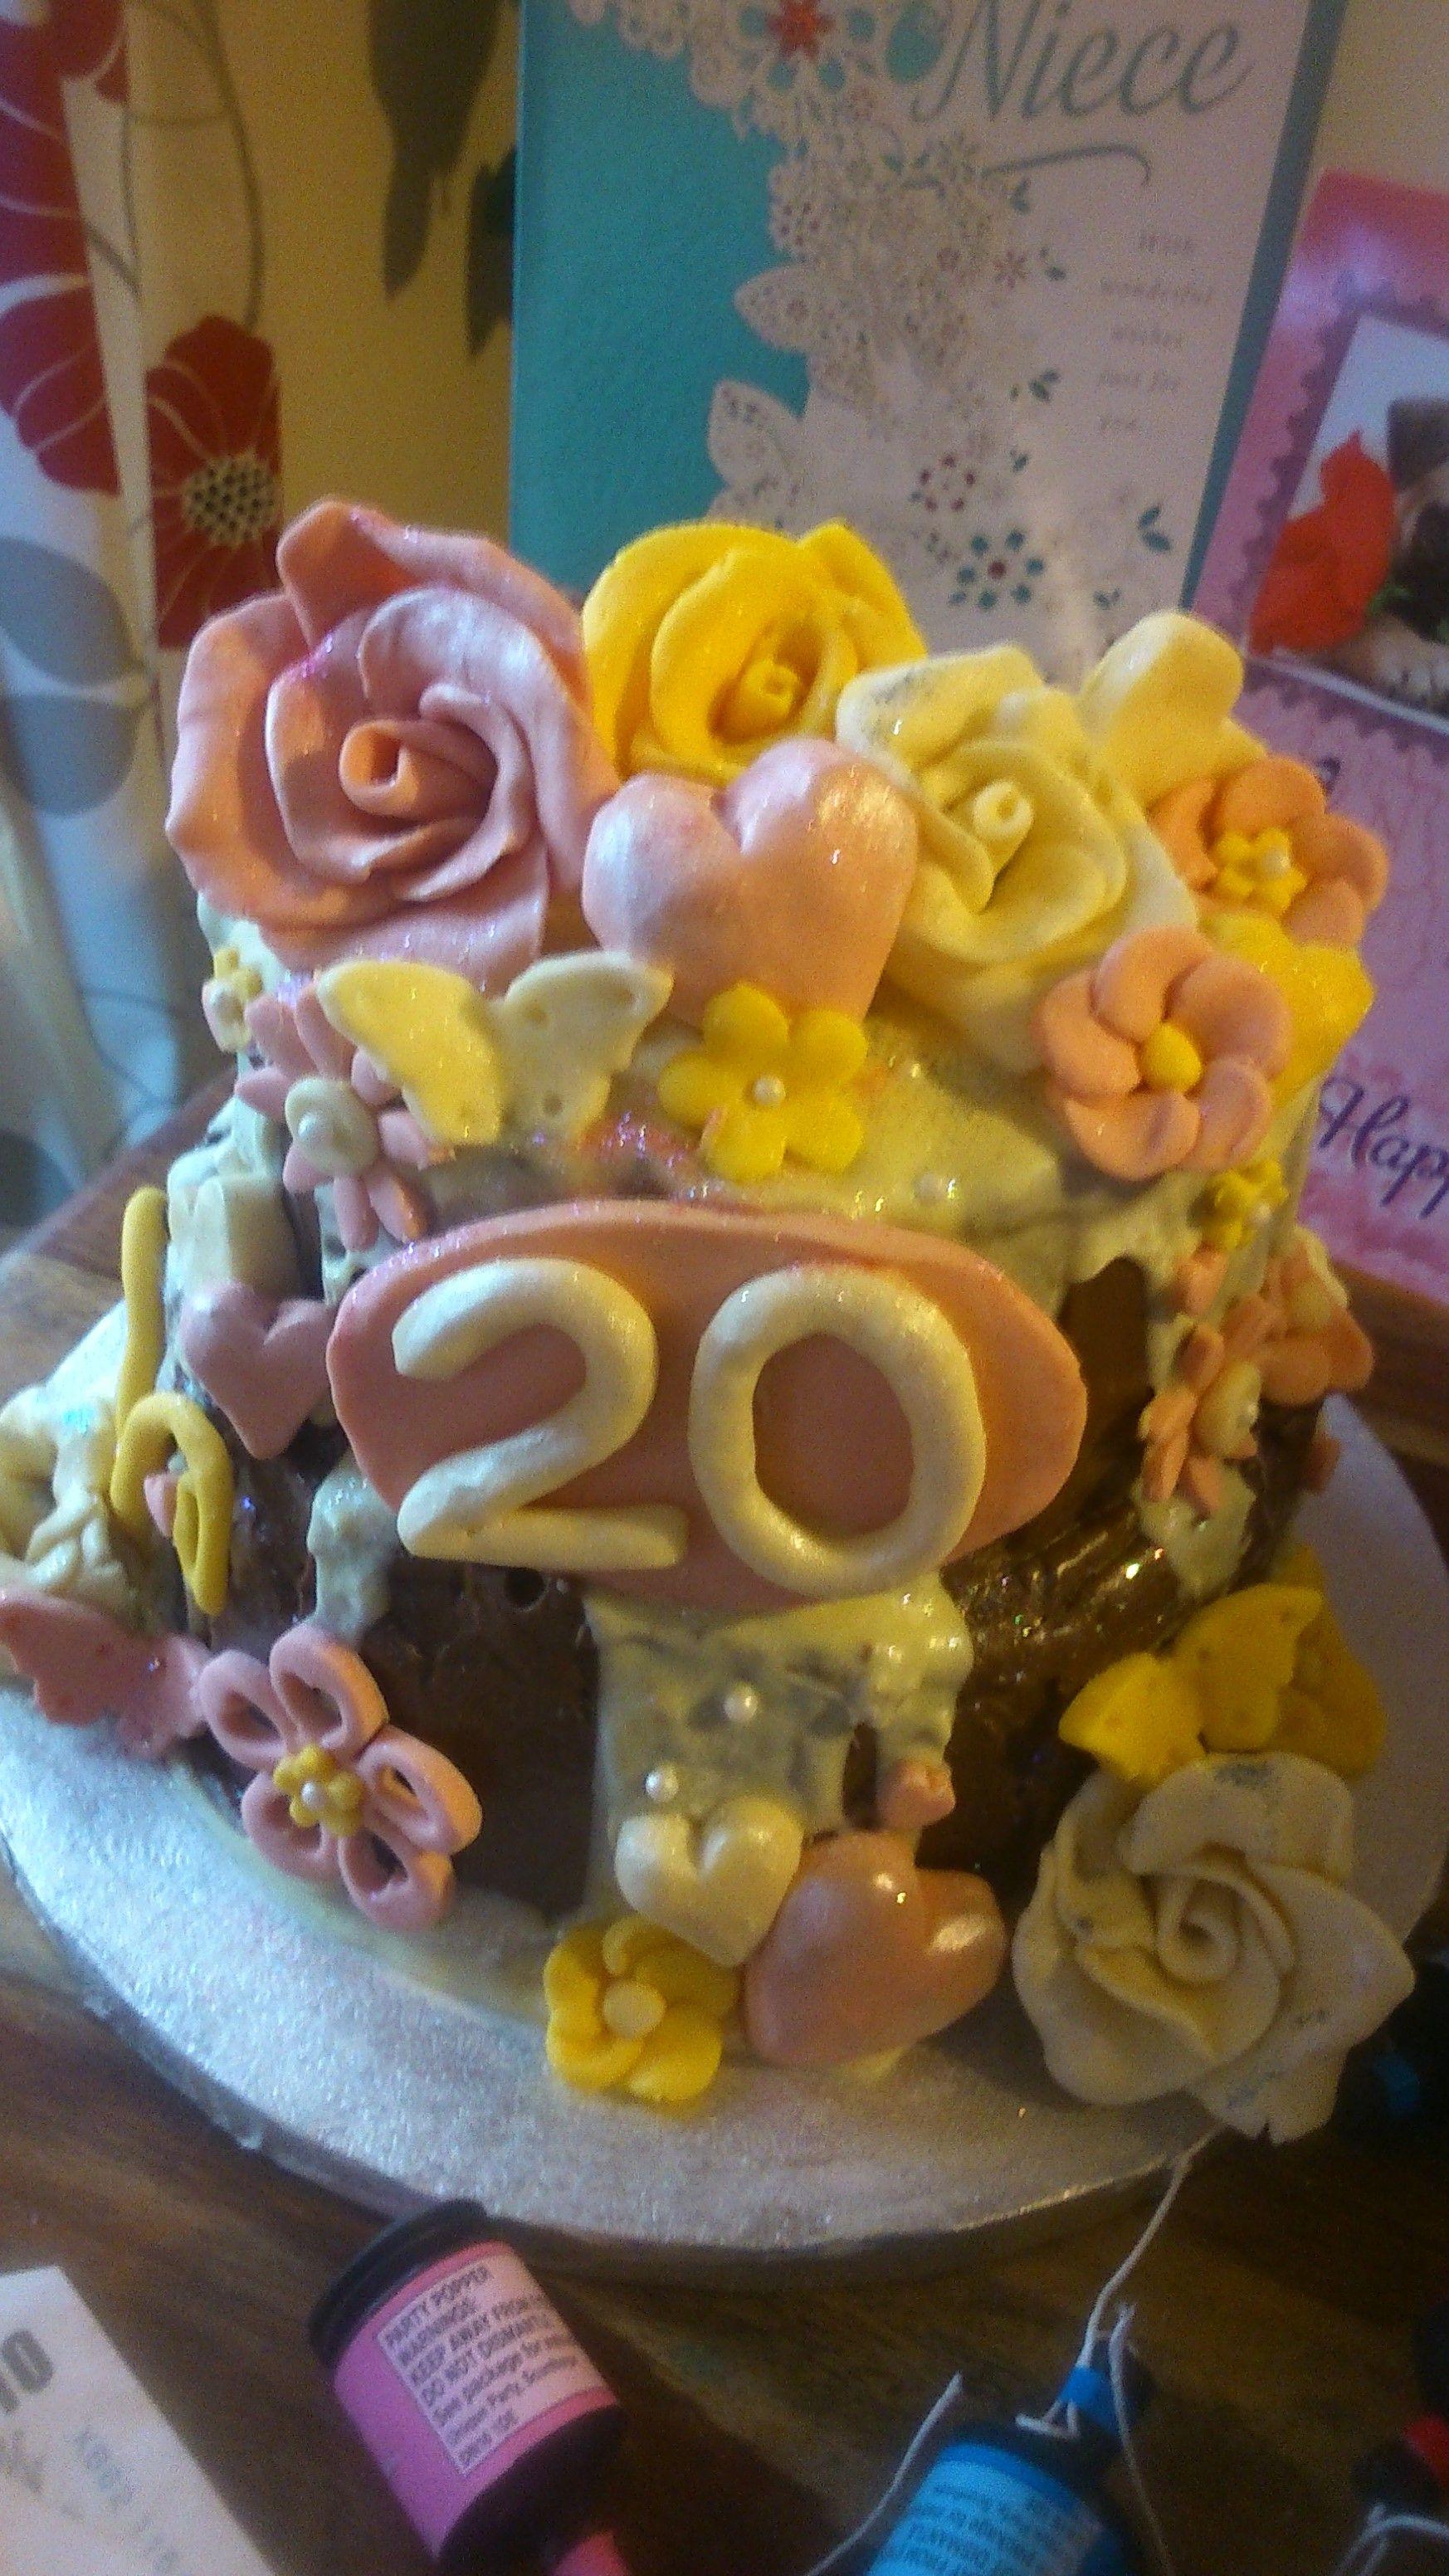 20th birthday cake 20 birthday cake celebration cakes